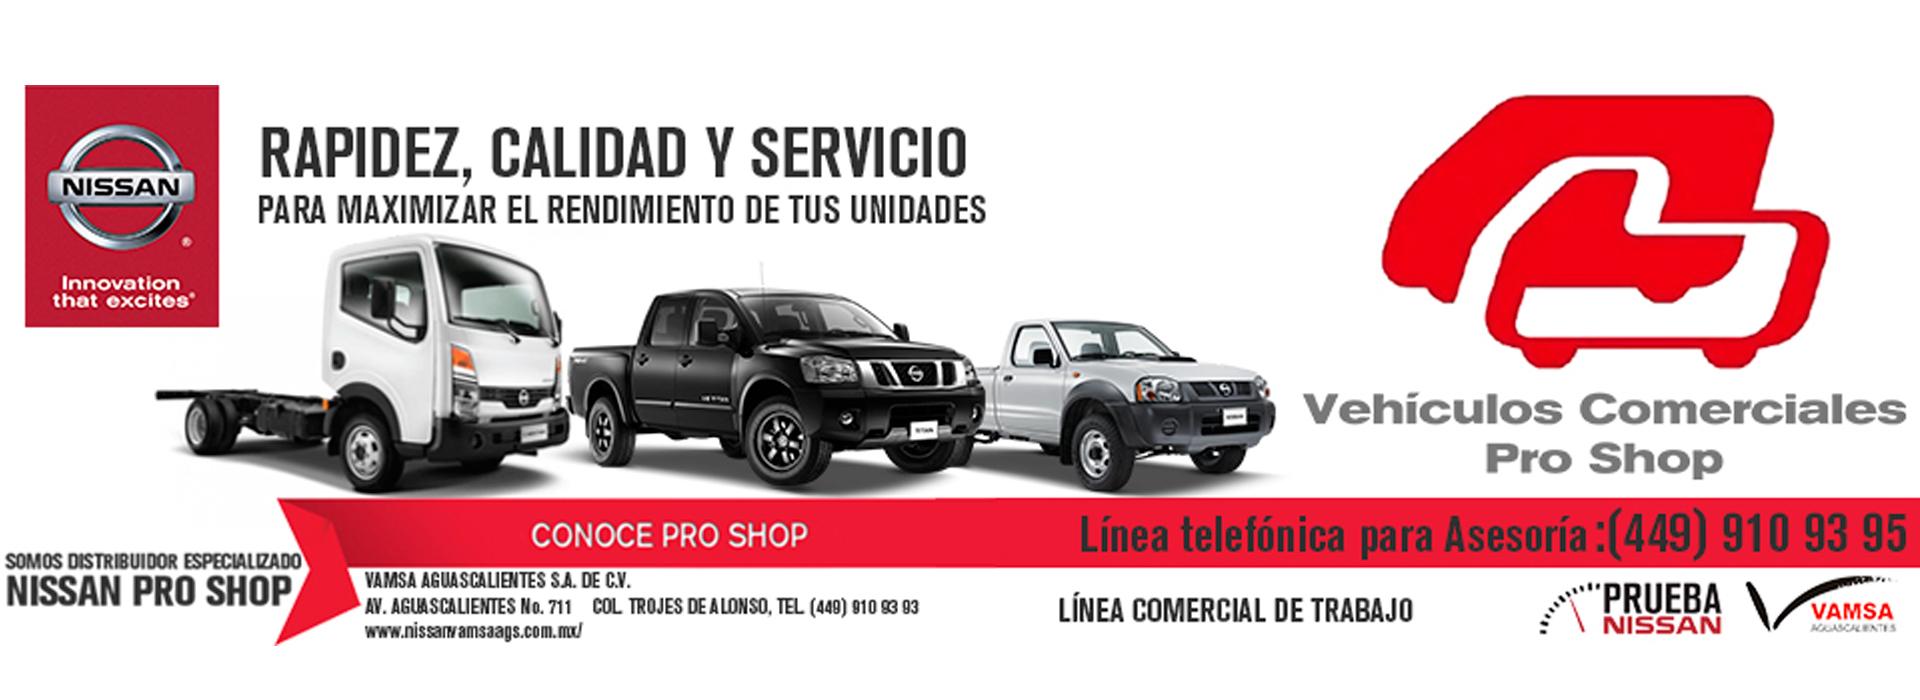 Conoce Pro Shop